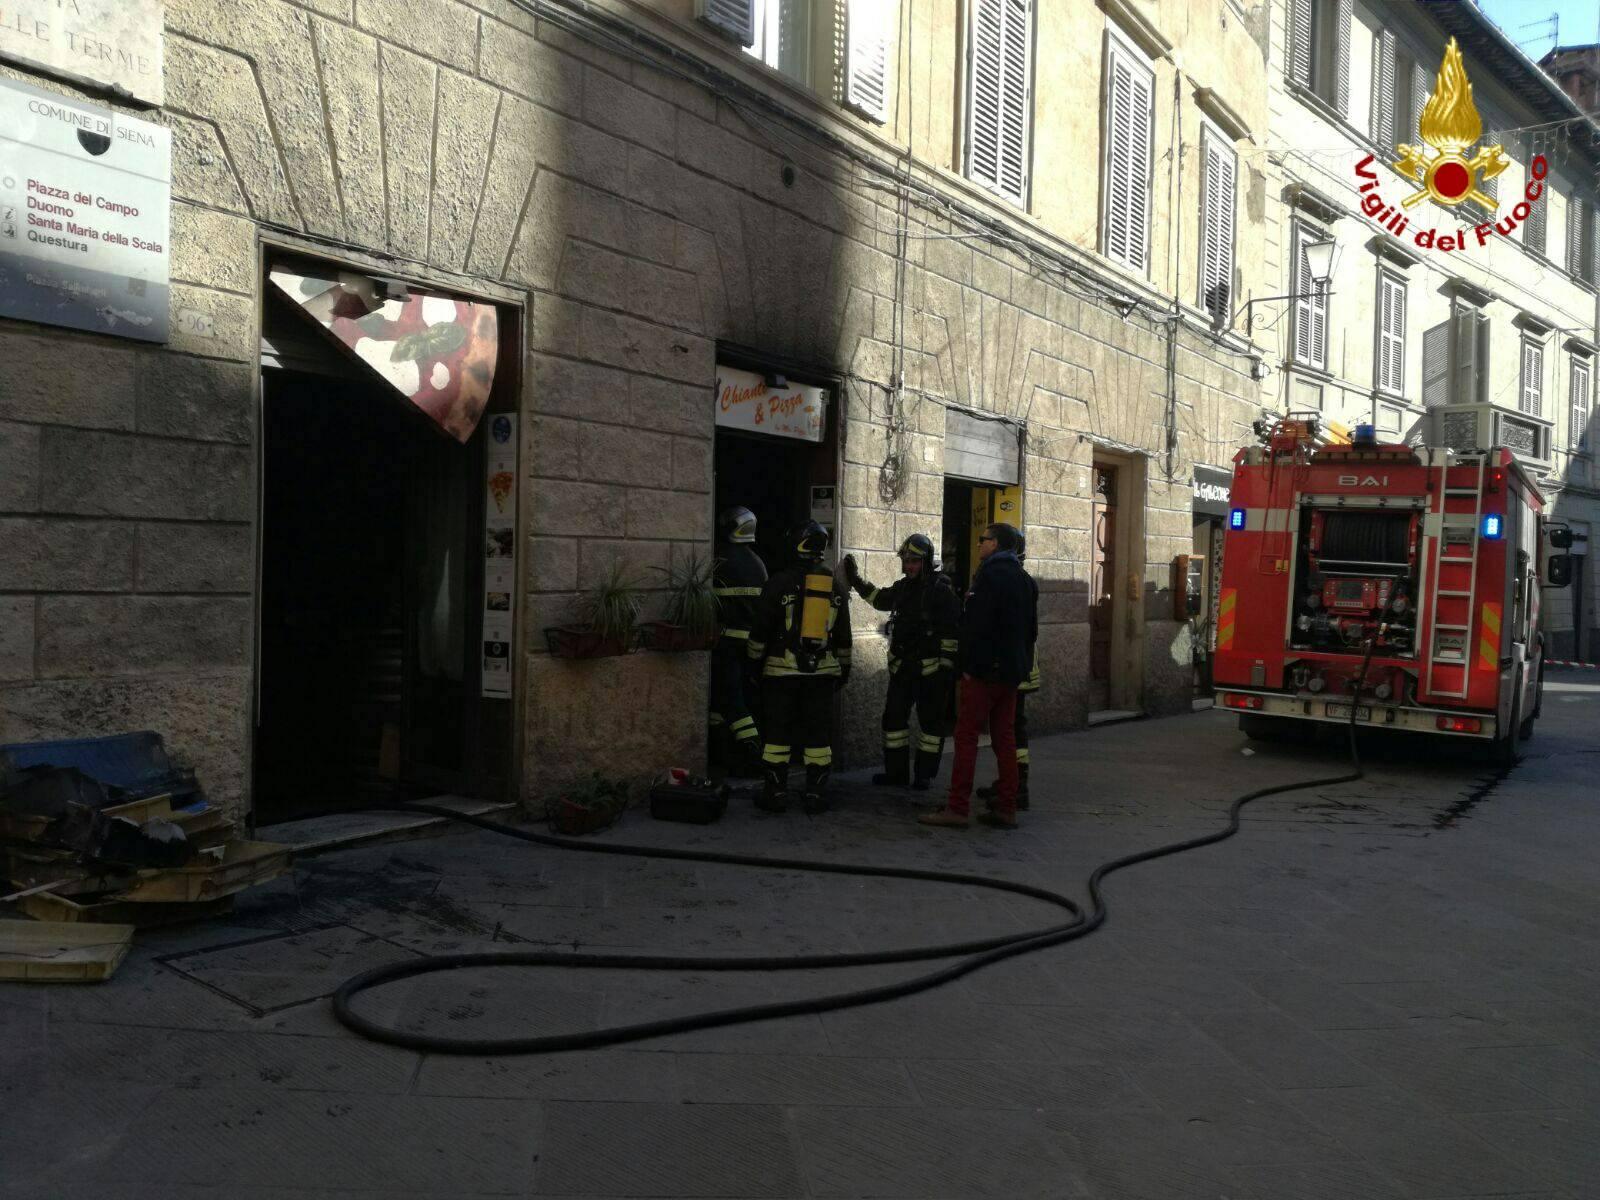 Incendio alla pizzeria da asporto in via delle Terme